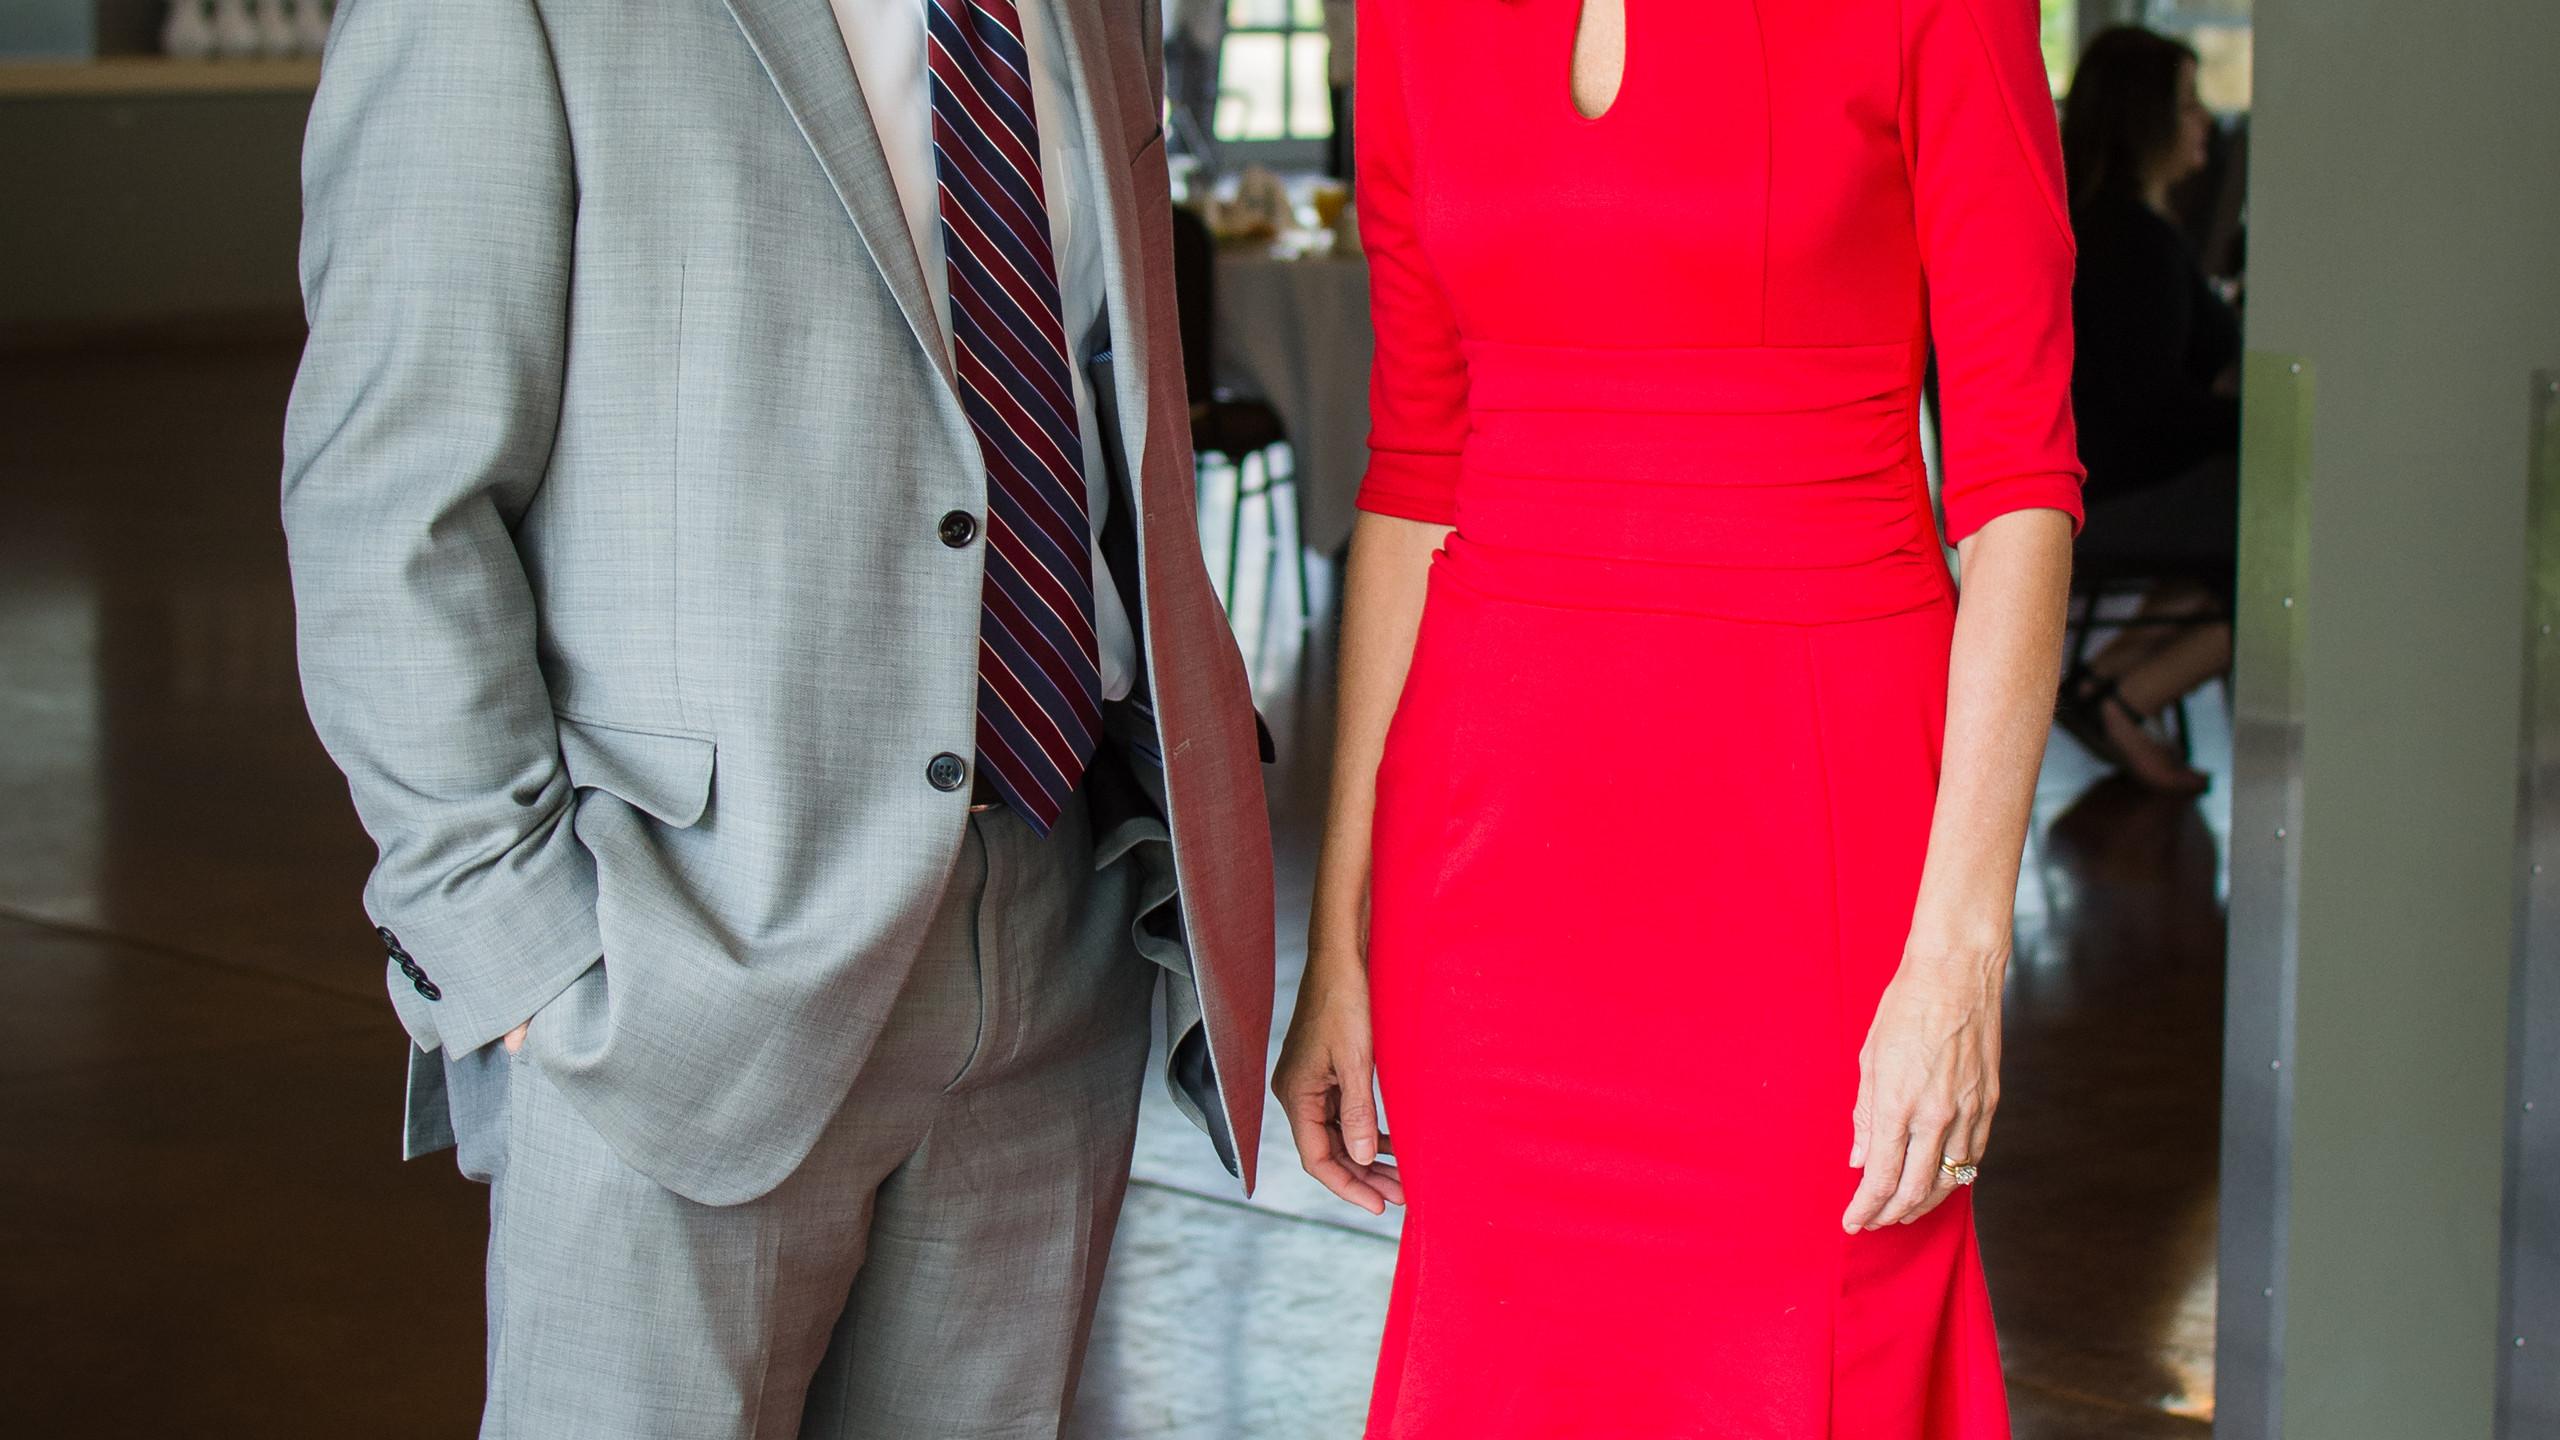 Jim Manning and Ginna Holleman